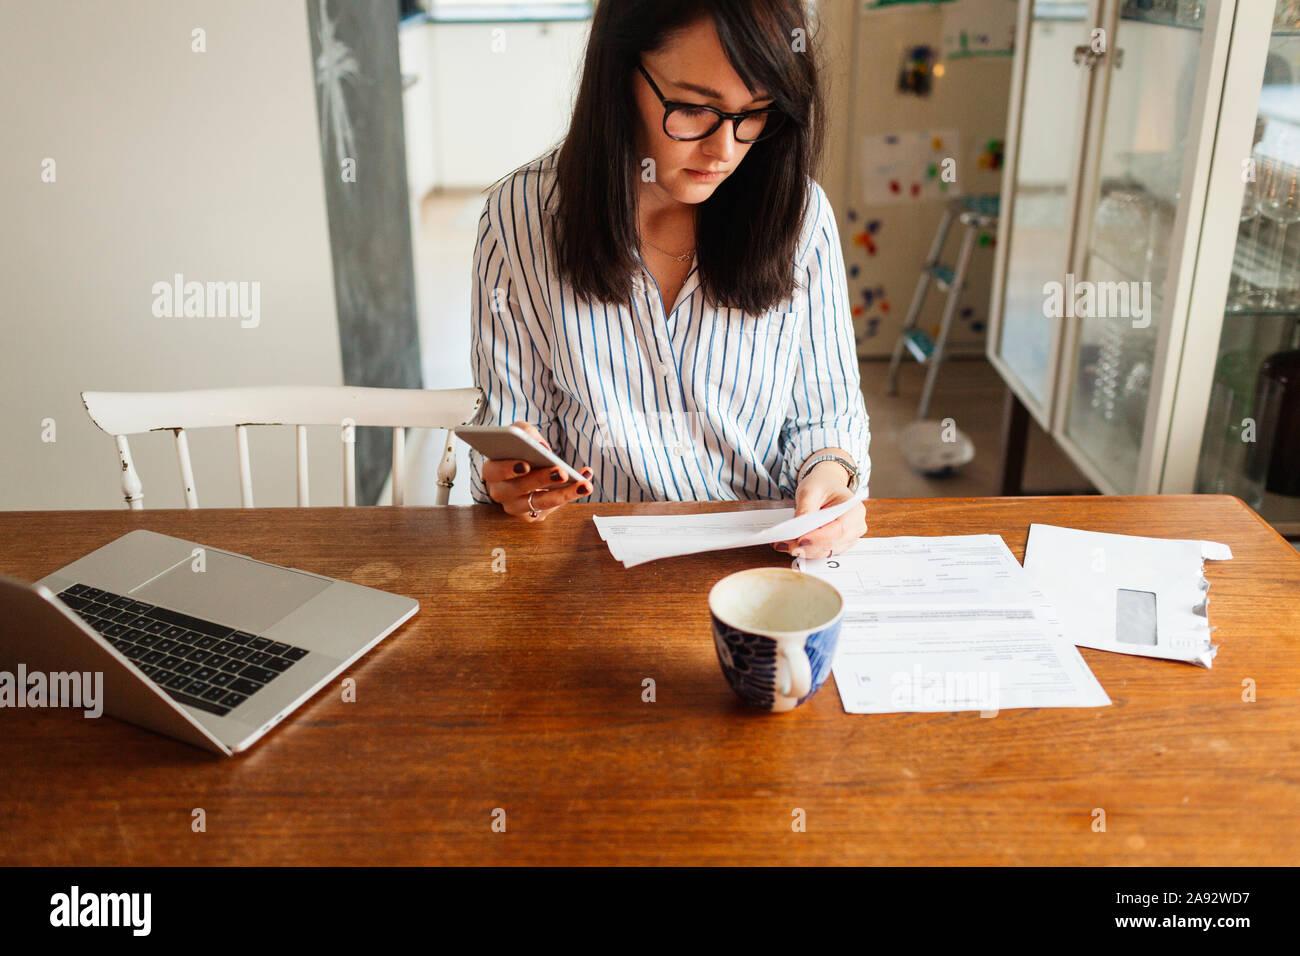 Donna con notebook e smartphone in sala da pranzo Foto Stock